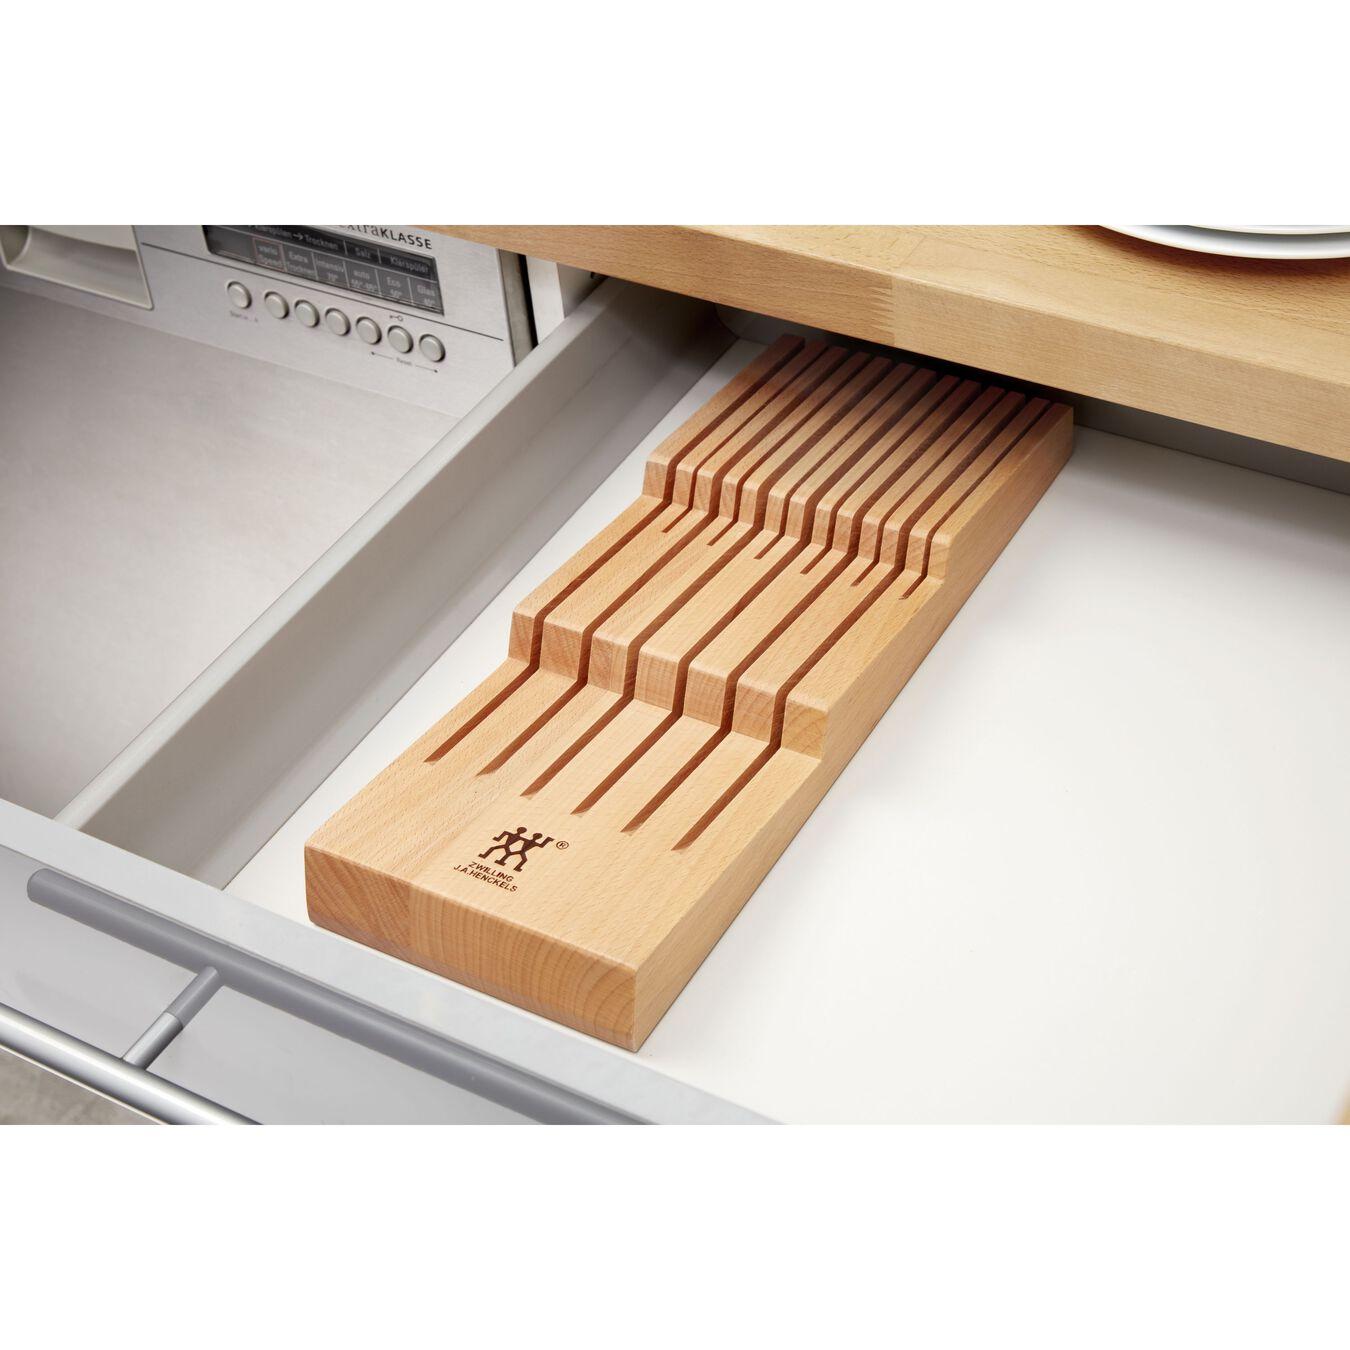 Schubladeneinsatz, bis zu 12 Messer, Buche,,large 4